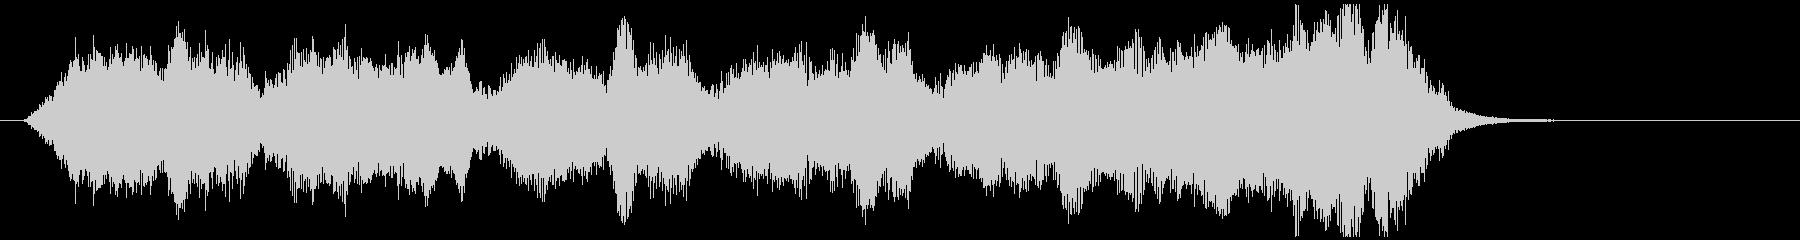 サウンドロゴ・ジングル(オーケストラ)の未再生の波形